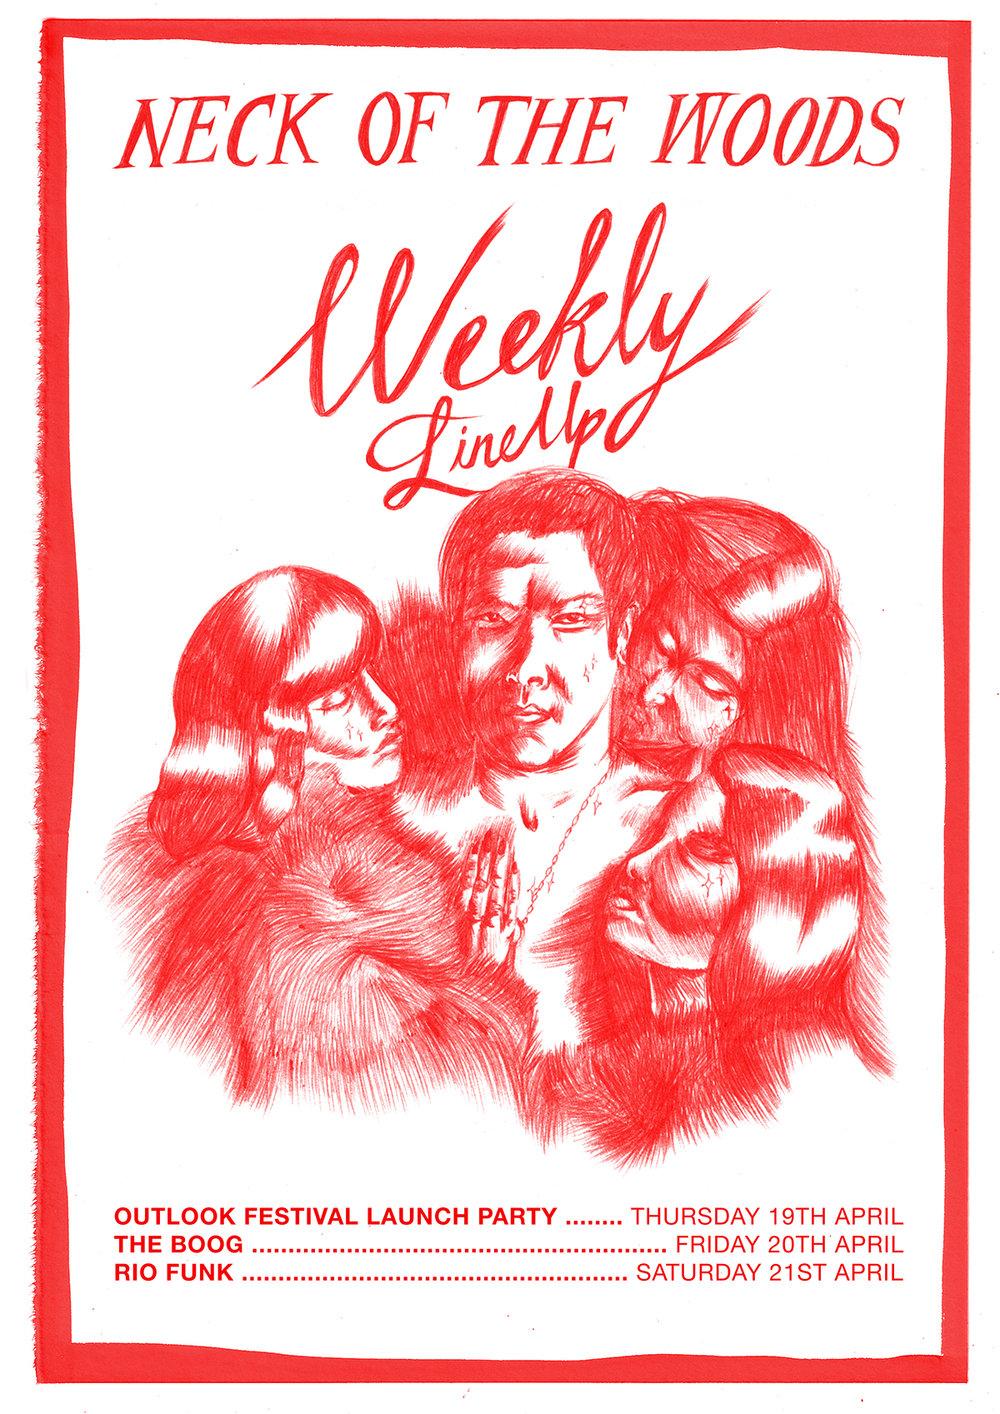 NOTW-Weekly-LineUp_3web.jpg